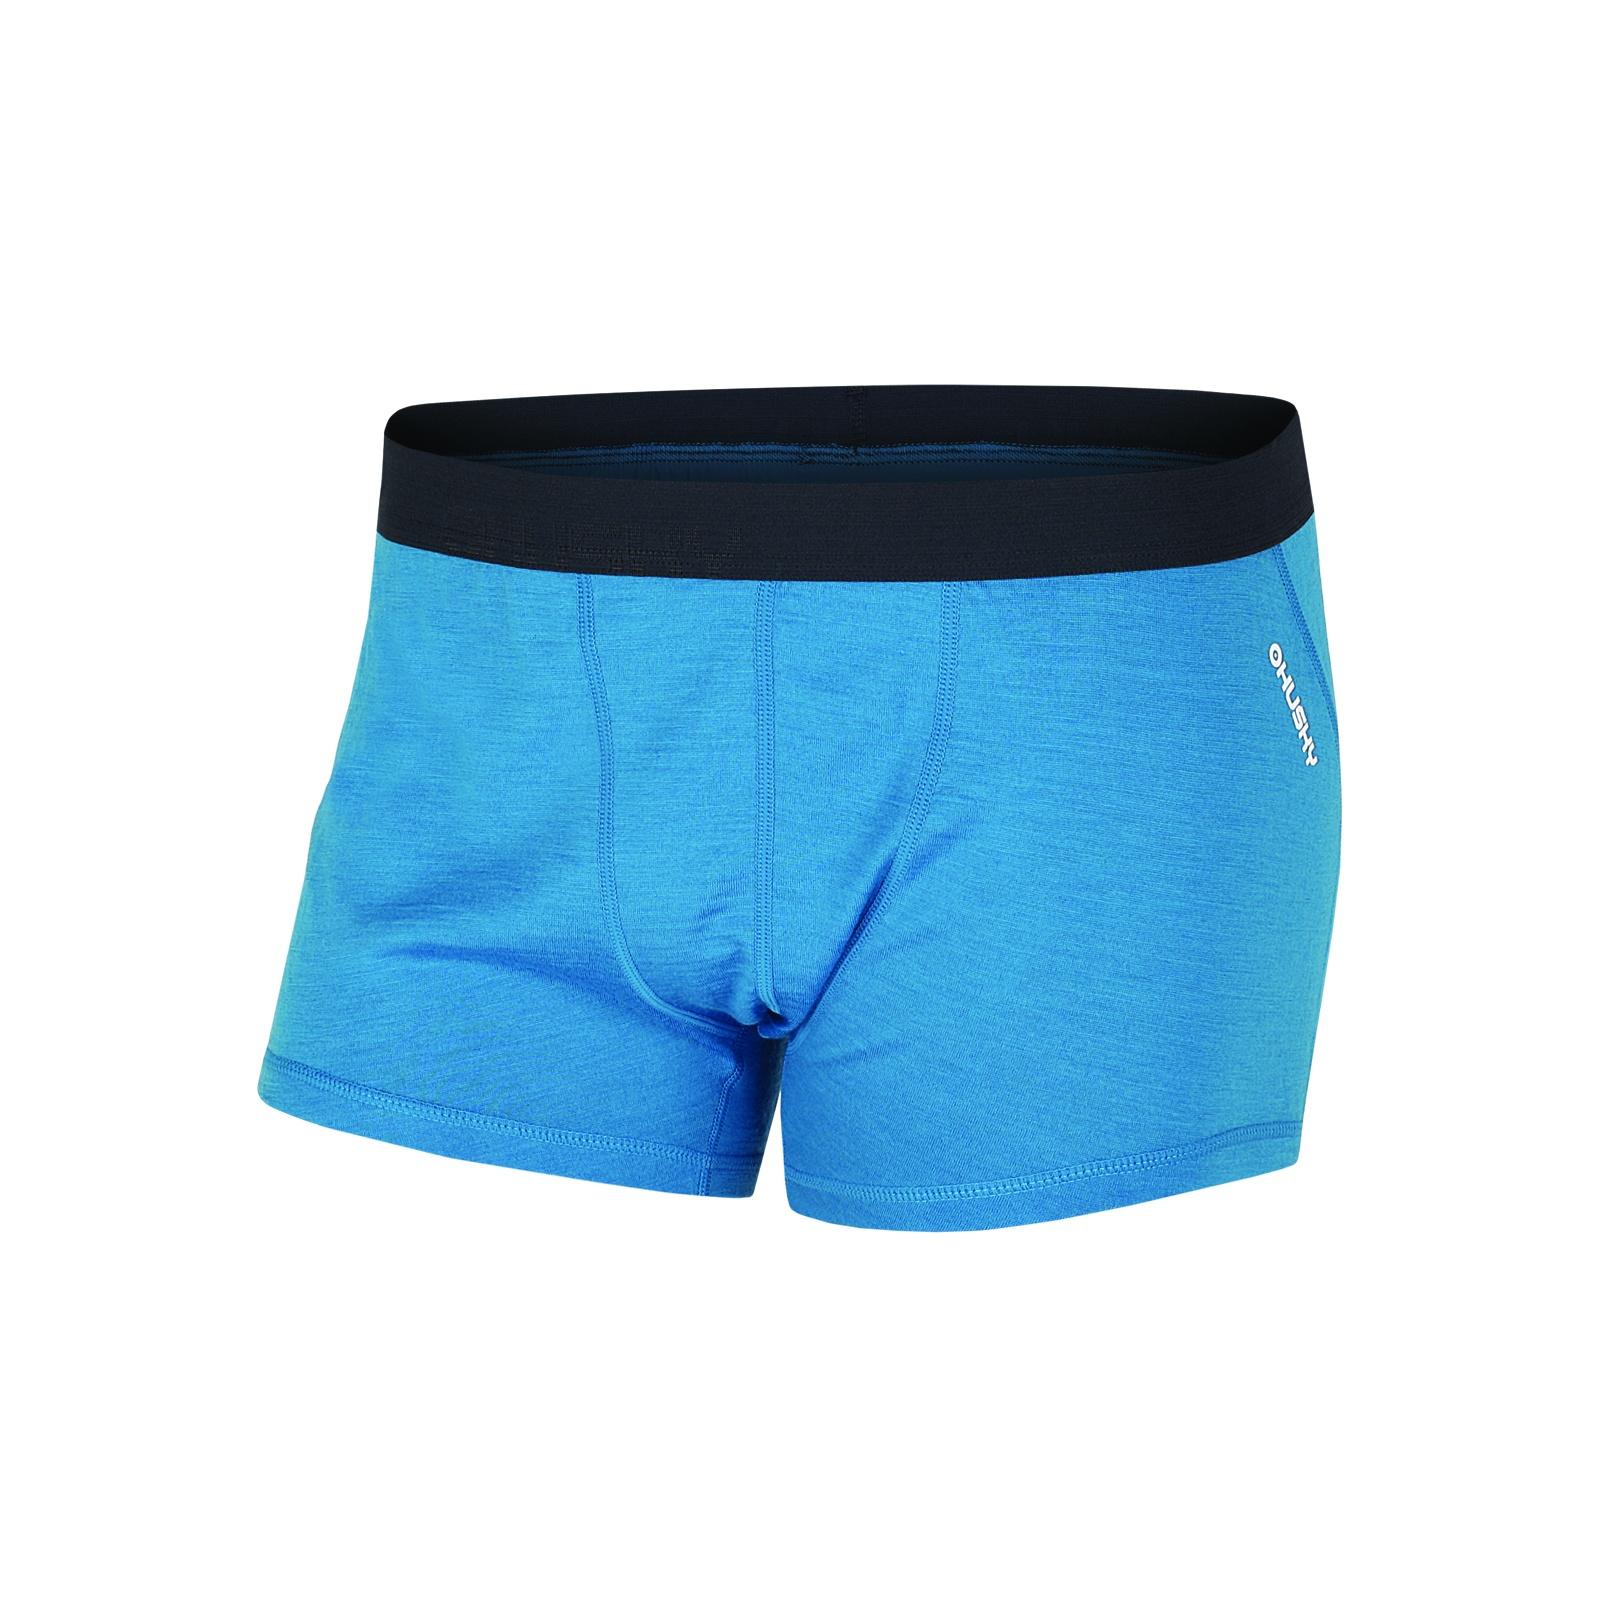 Husky Merino termoprádlo Boxerky pánské modrá Velikost: XL